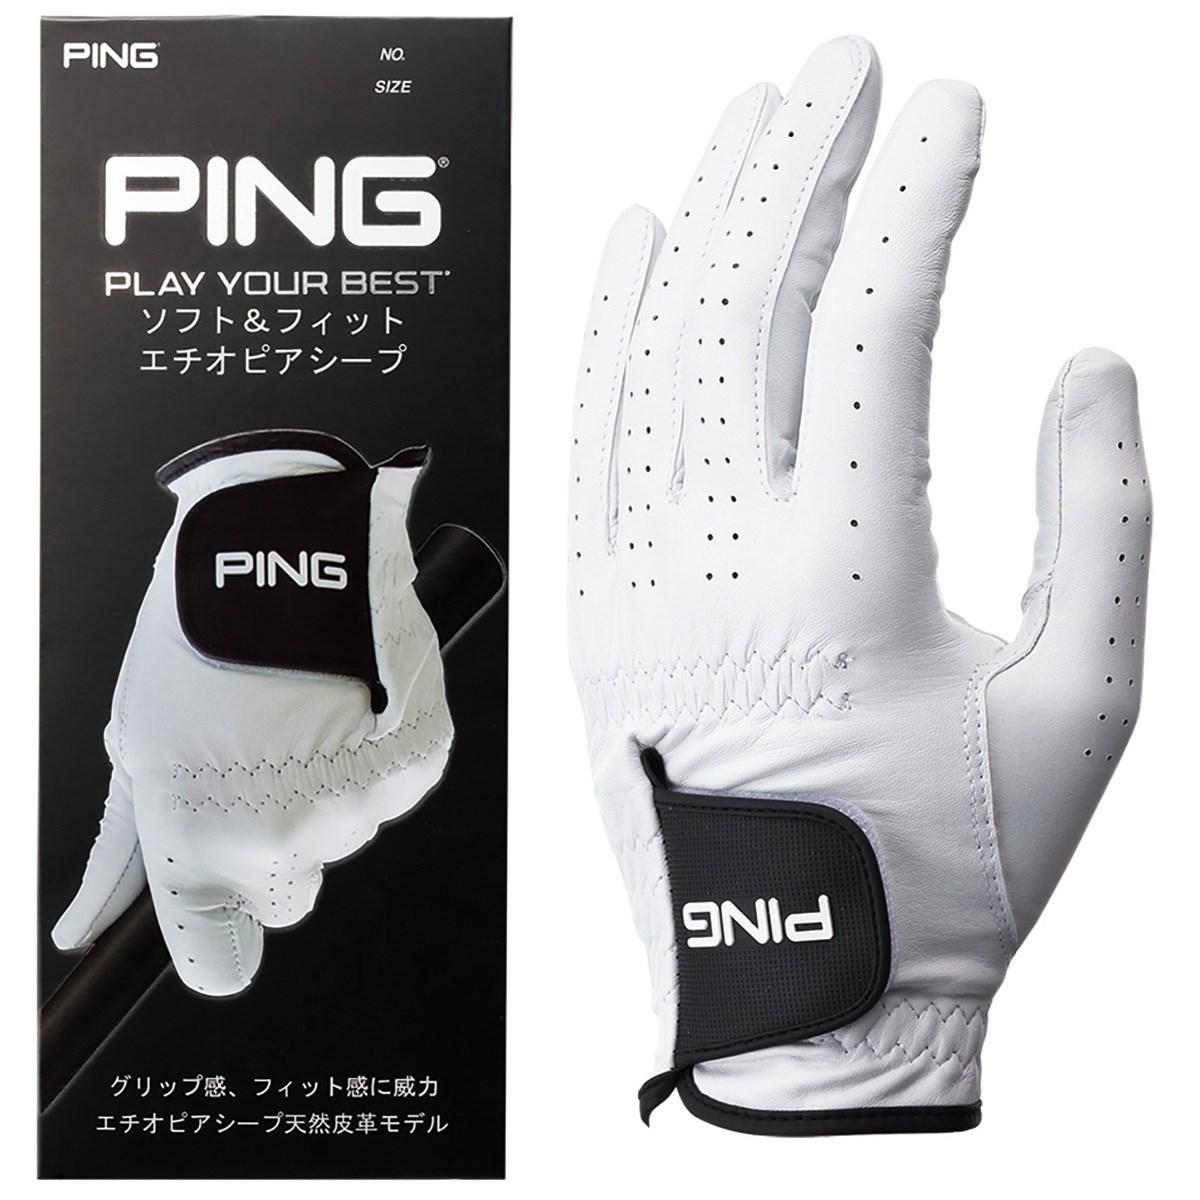 ピン PING 天然皮革グローブ 22cm 左手着用(右利き用) ホワイト